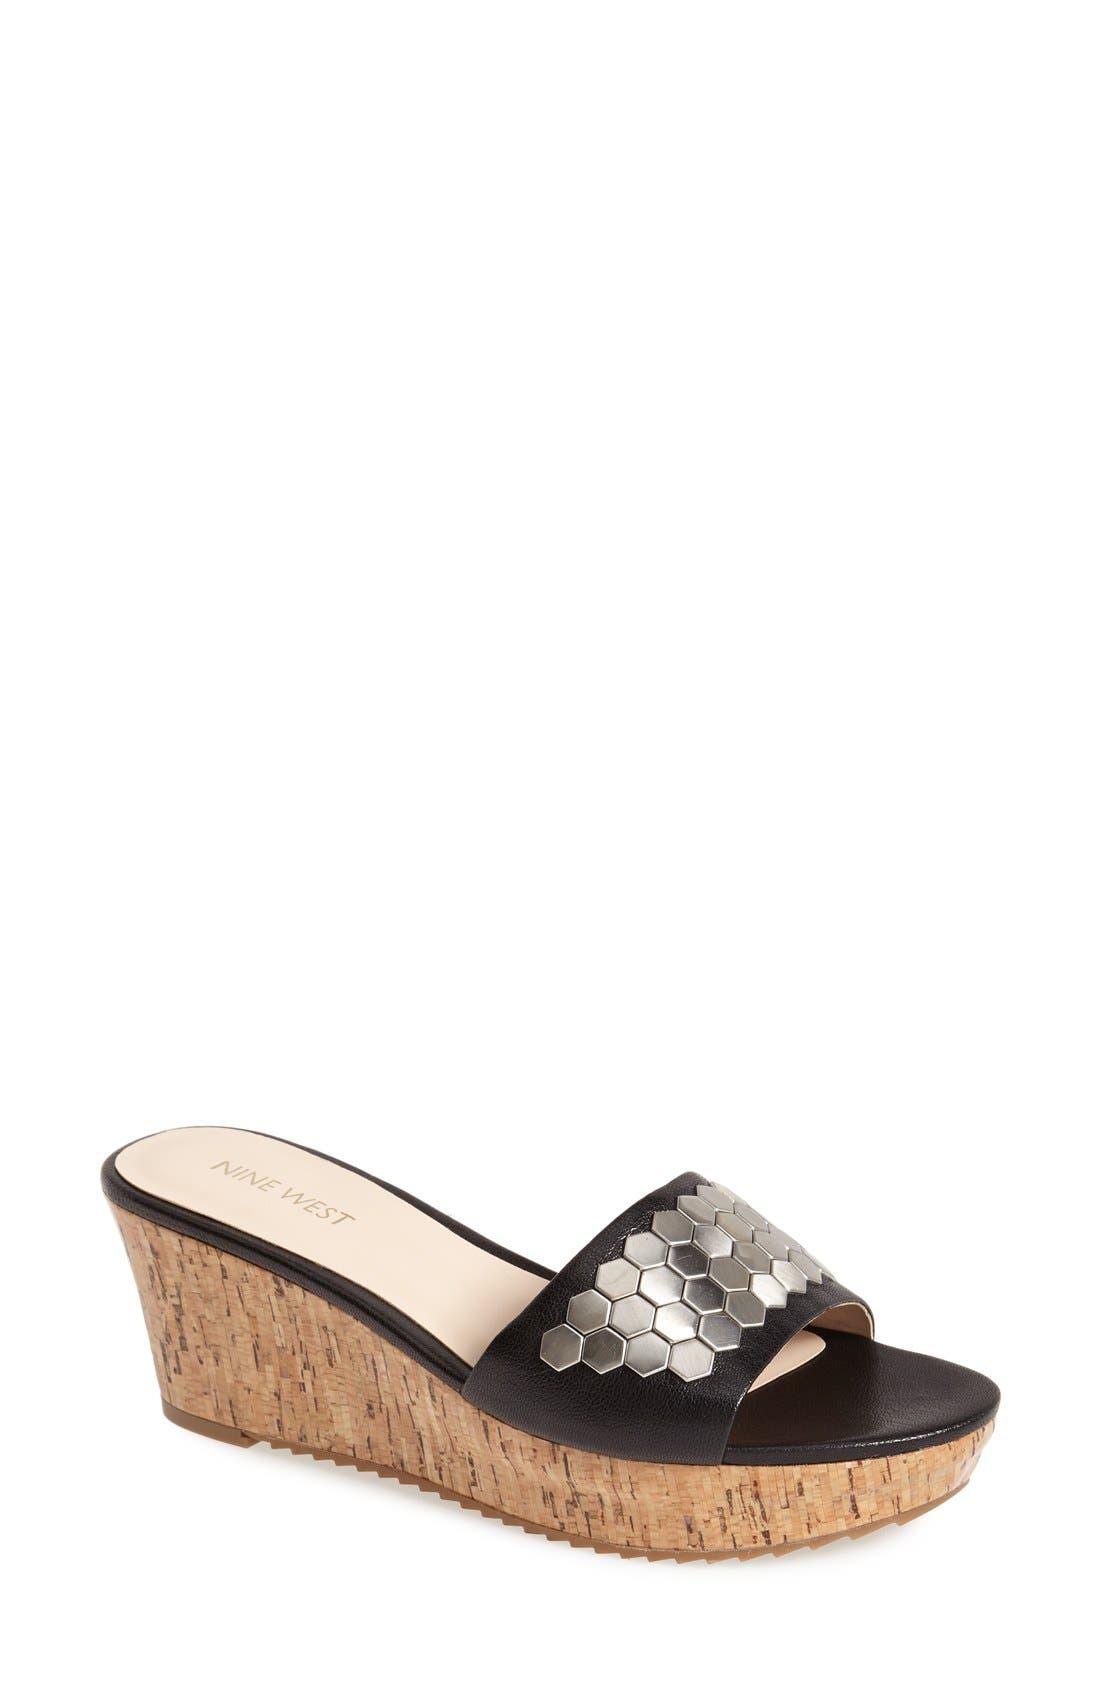 Main Image - Nine West 'Casandre' Slide Sandal (Women)